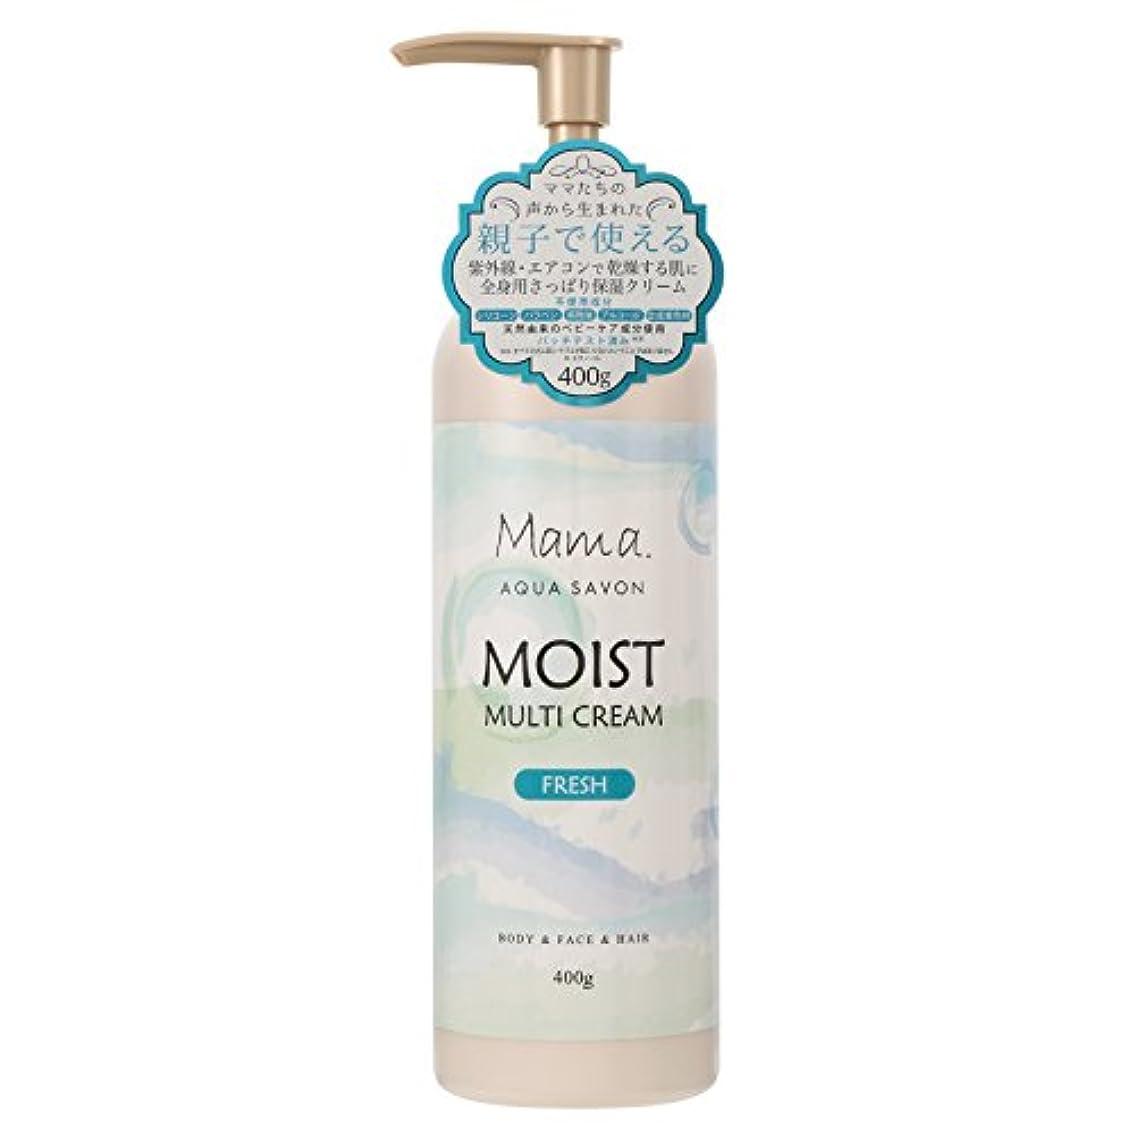 硬い予約かごママアクアシャボン モイストマルチクリーム フレッシュ グリーンアロマウォーターの香り 400g